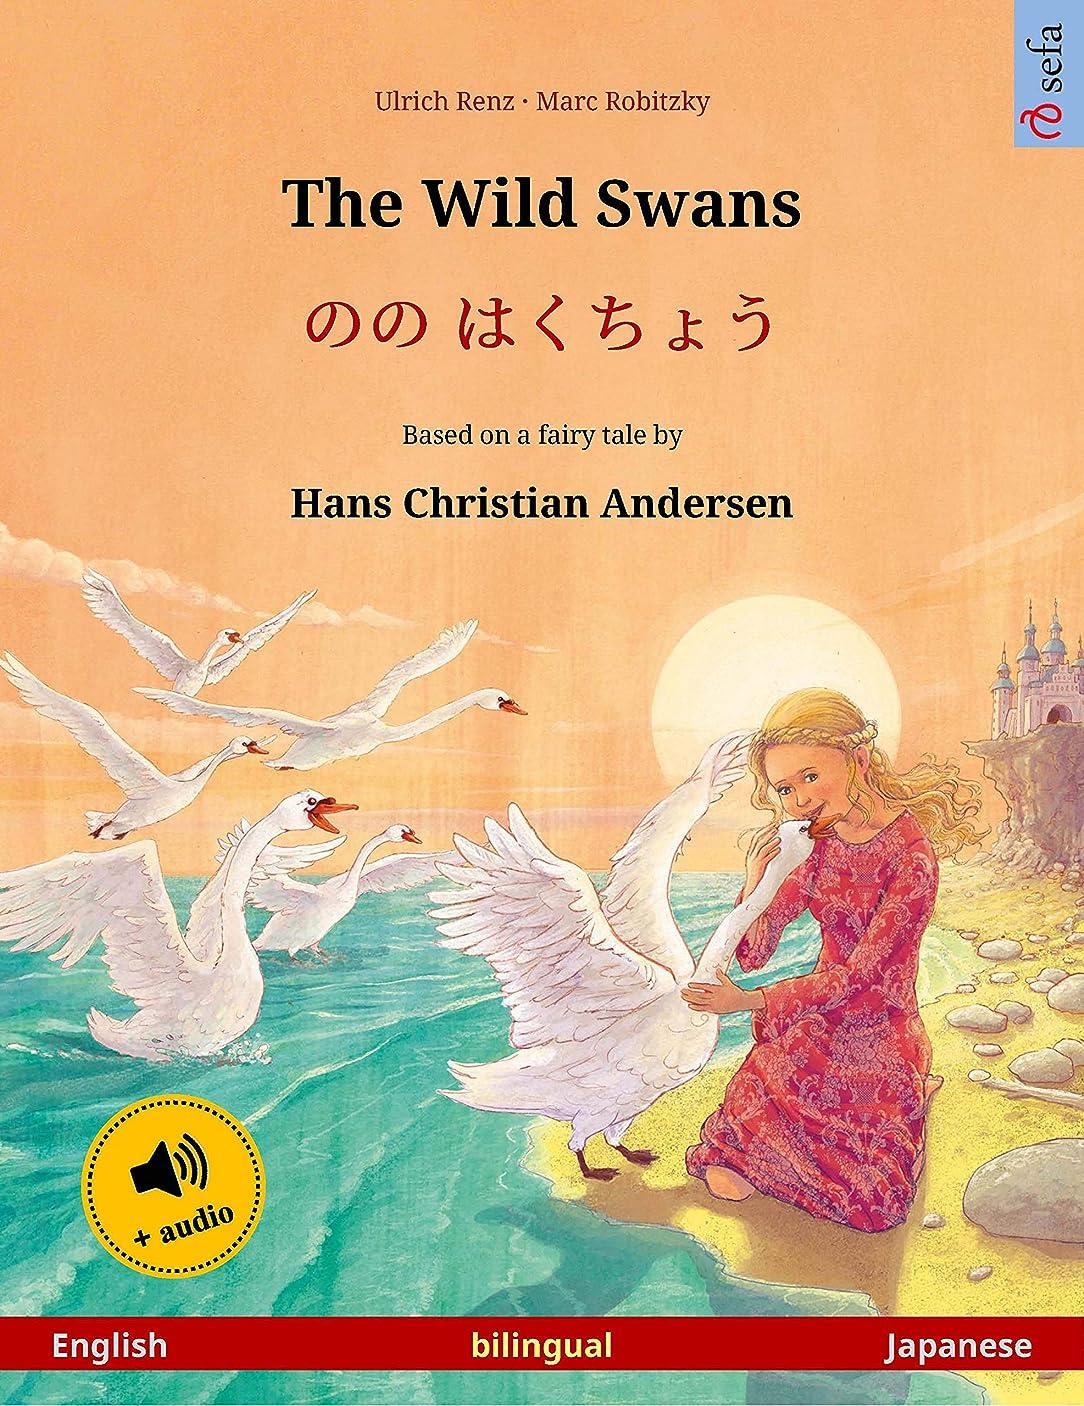 ヒューム母音私たち自身The Wild Swans – のの はくちょう (English – Japanese). Bilingual children's book based on a fairy tale by Hans Christian Andersen, age 4-5 and up, with audiobook ... Books in two languages 7) (English Edition)